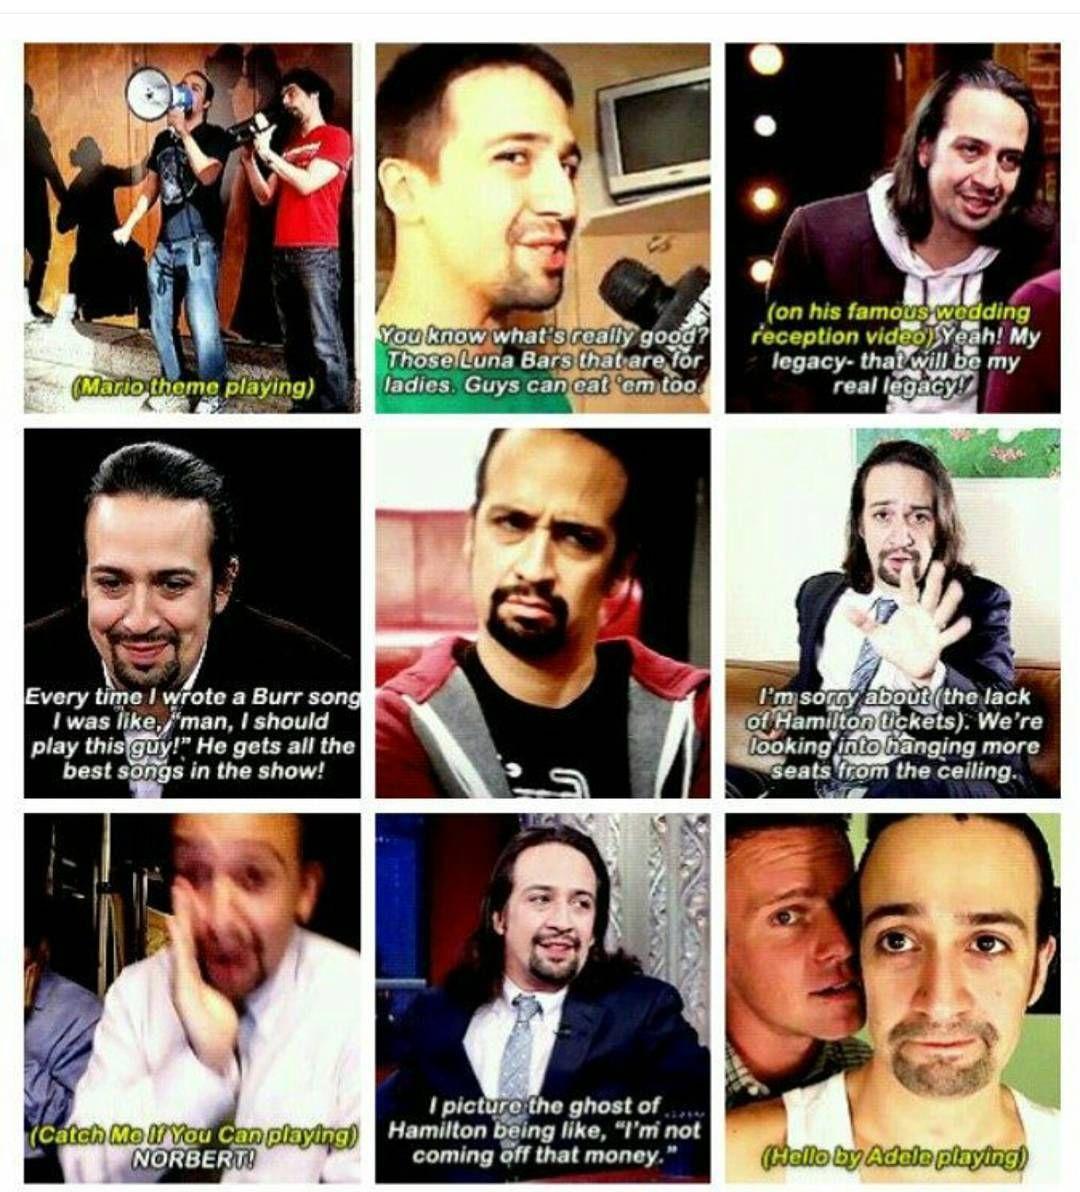 Hamilton facial expressions